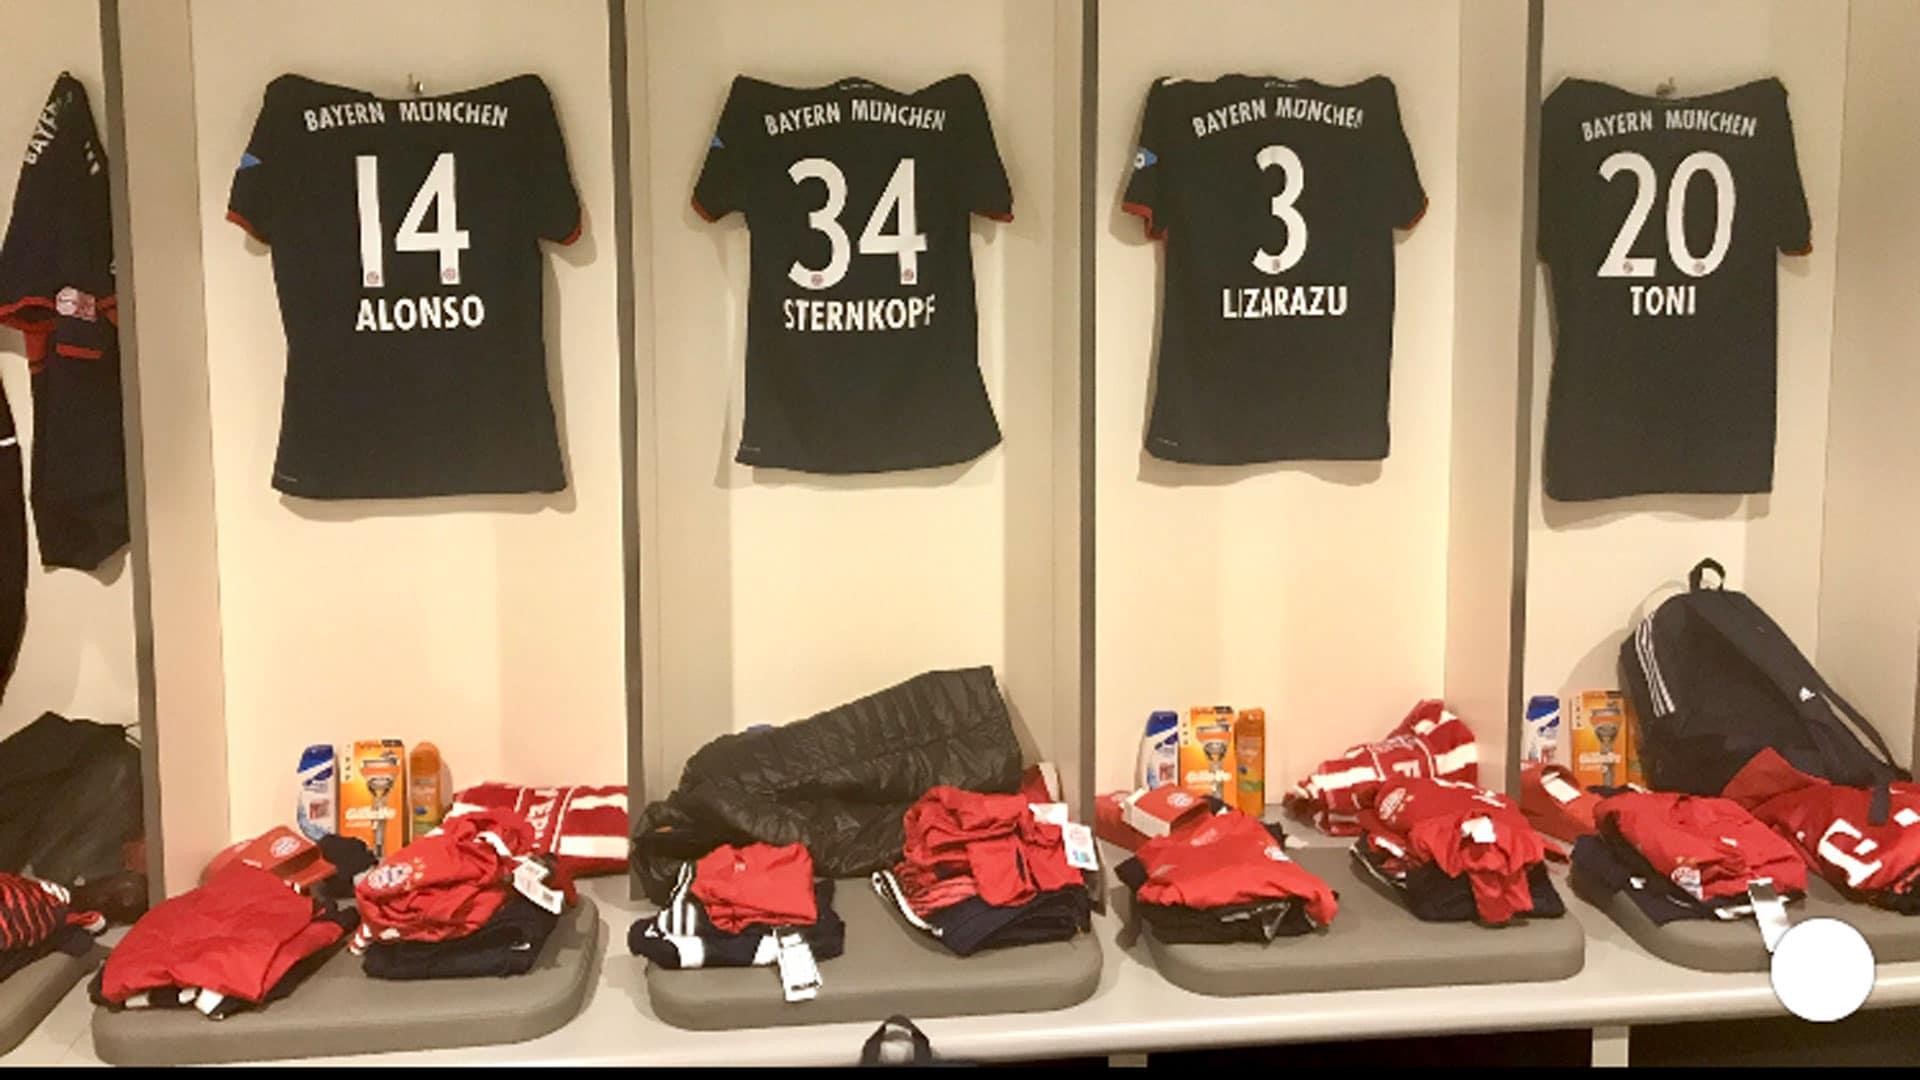 Heute noch läuft Michael Sternkopf mit alten Größen für die Bayern München-Traditionself auf